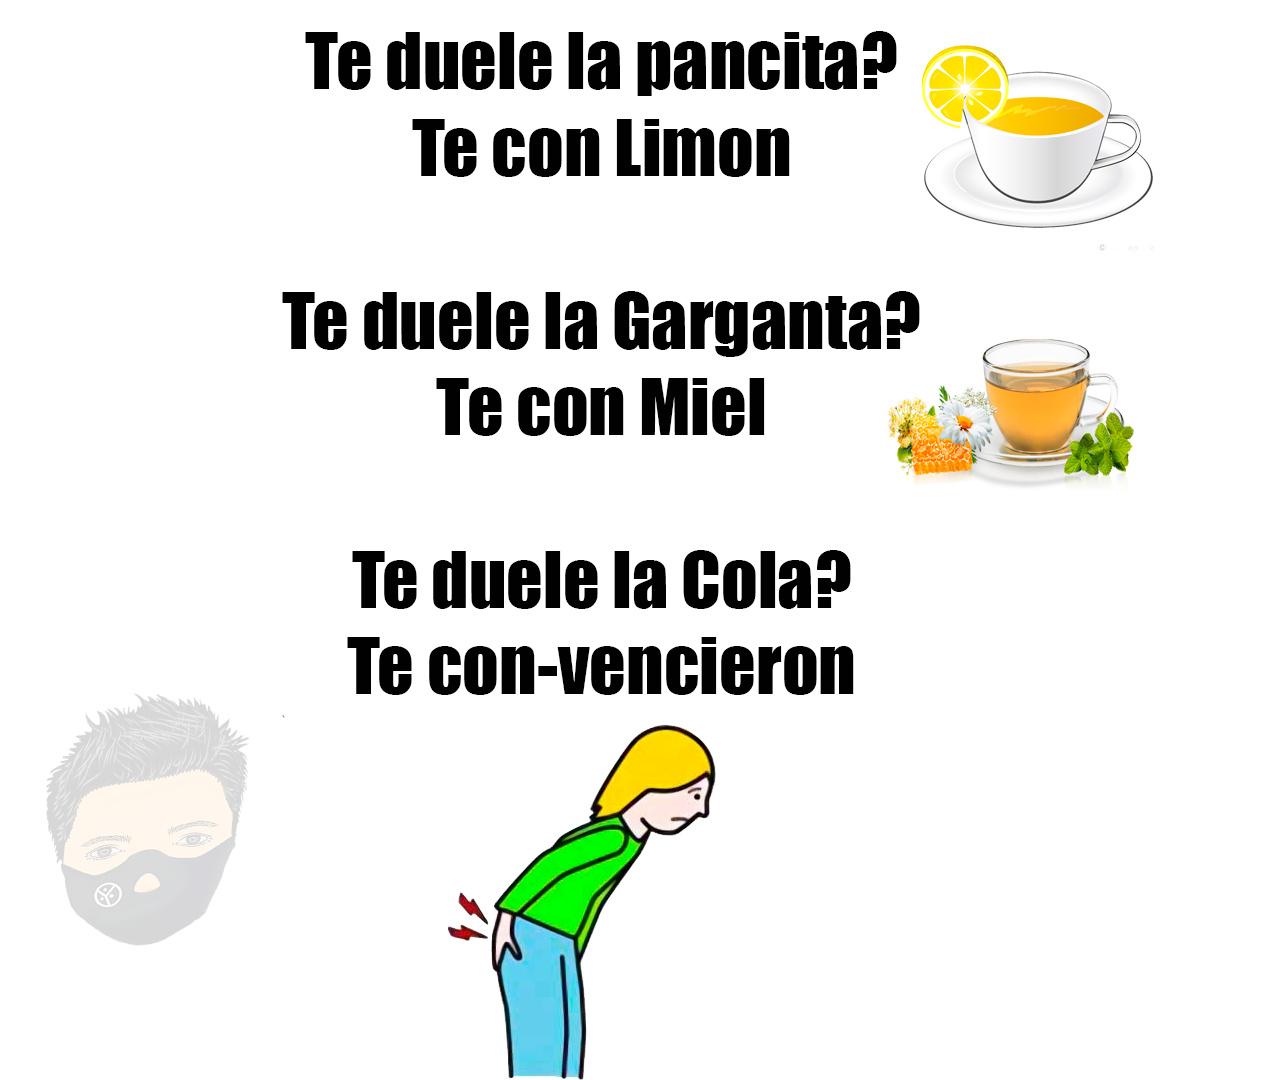 TE de limon - meme